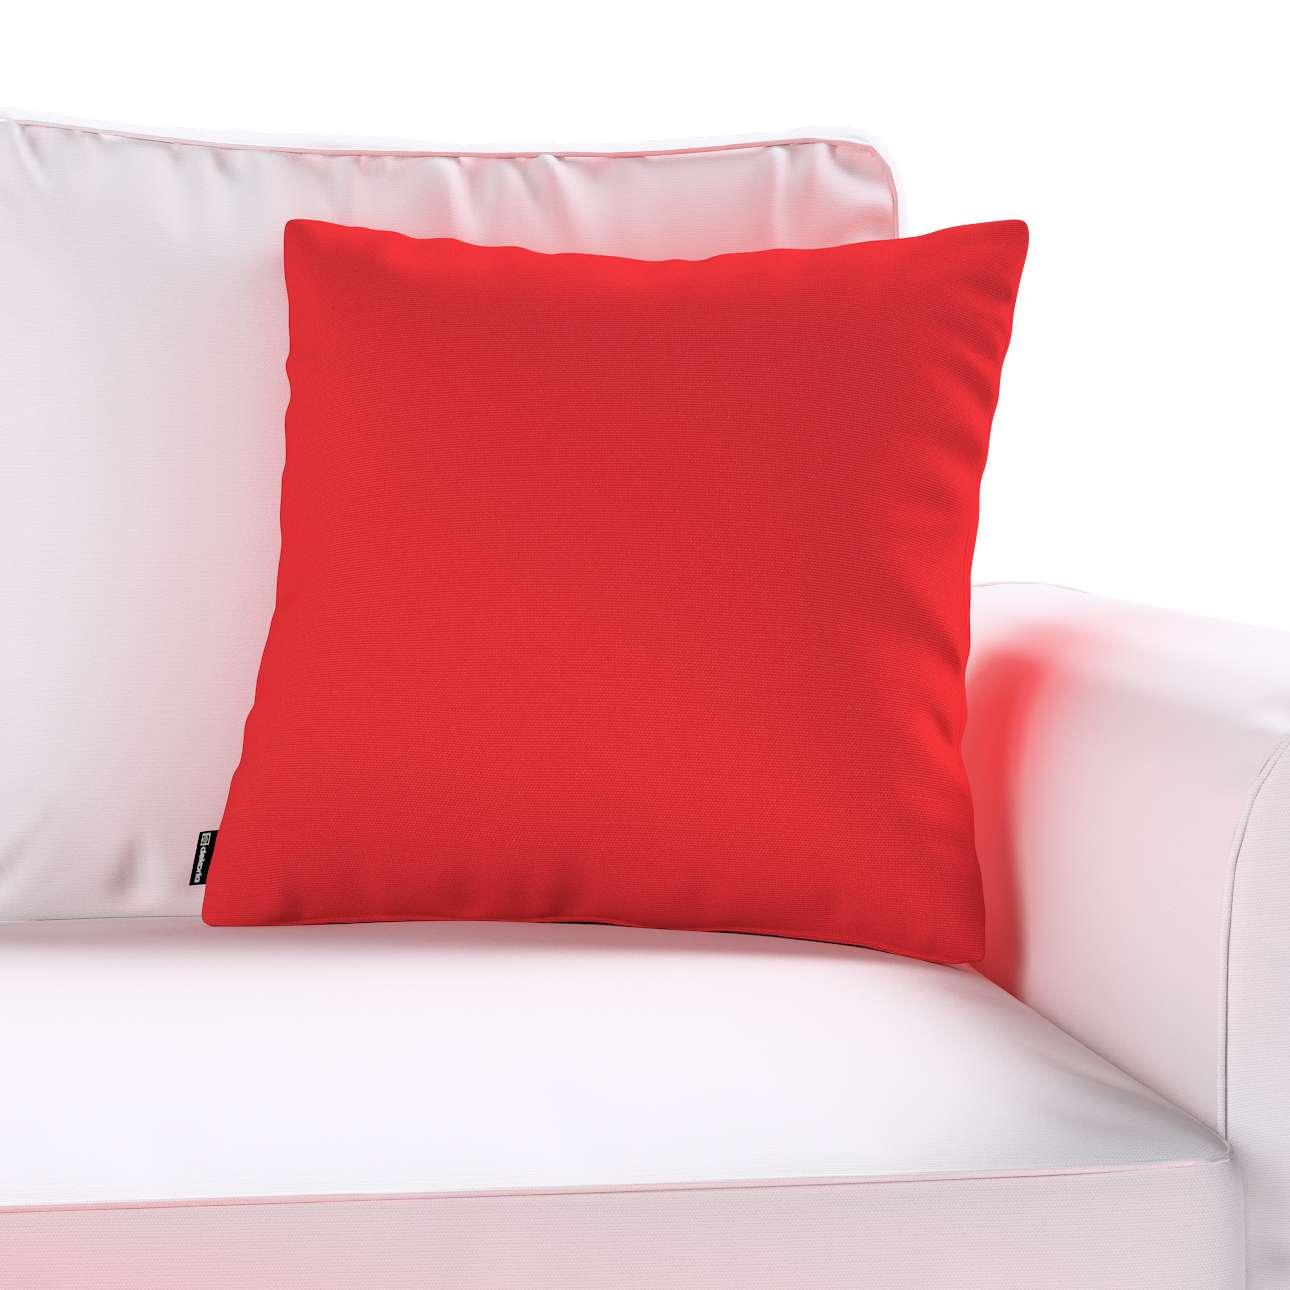 Poszewka Kinga na poduszkę w kolekcji Loneta, tkanina: 133-43